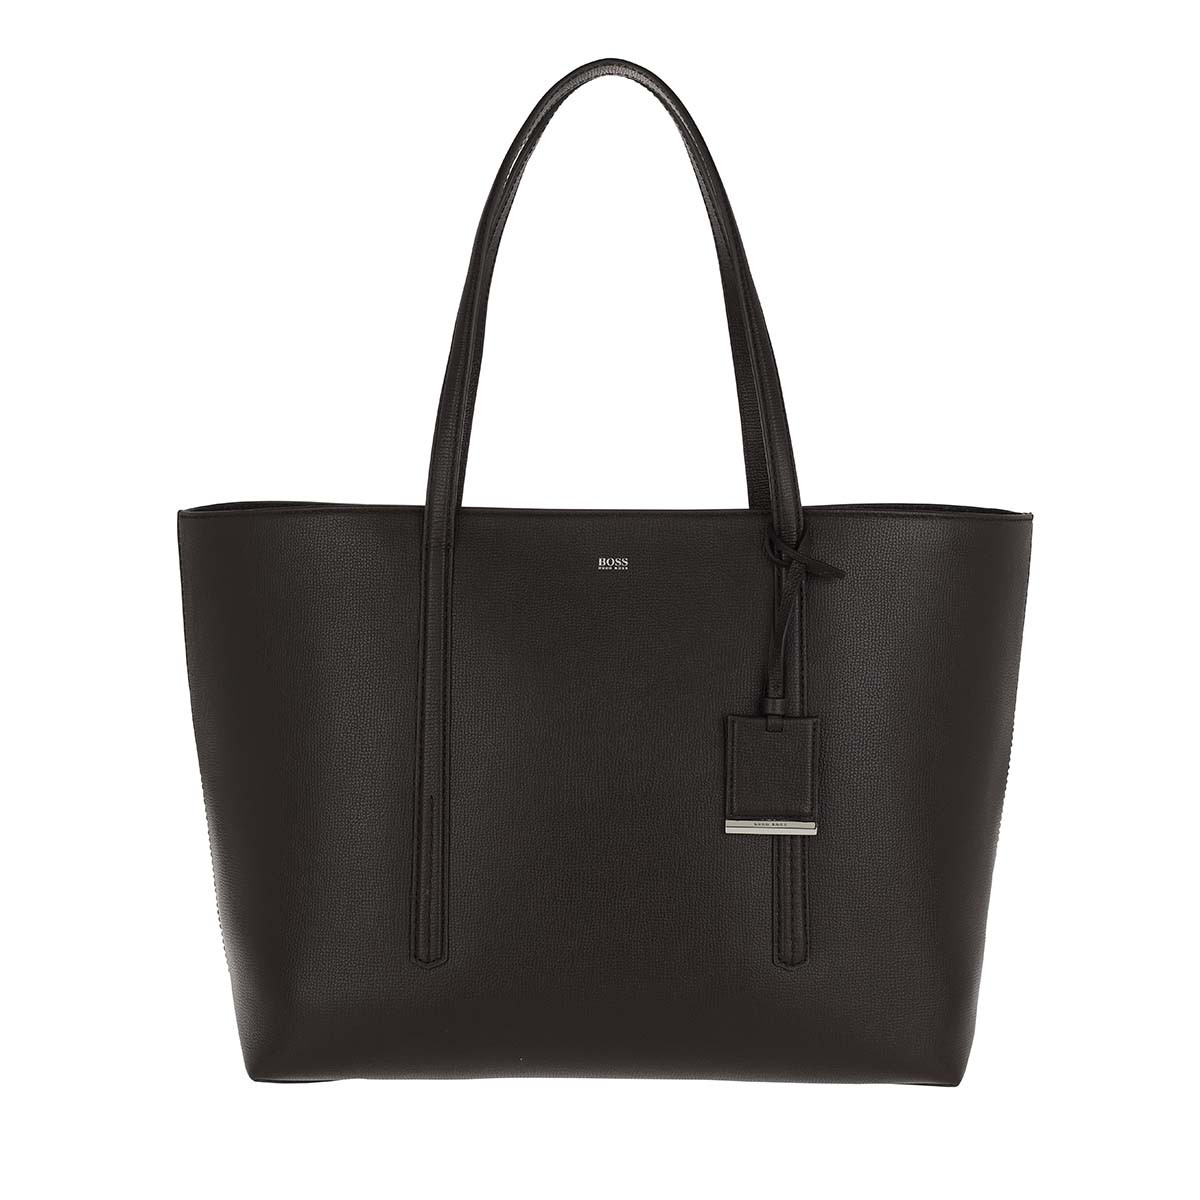 Boss Shopper - Taylor Shopper Dark Brown - in braun - für Damen